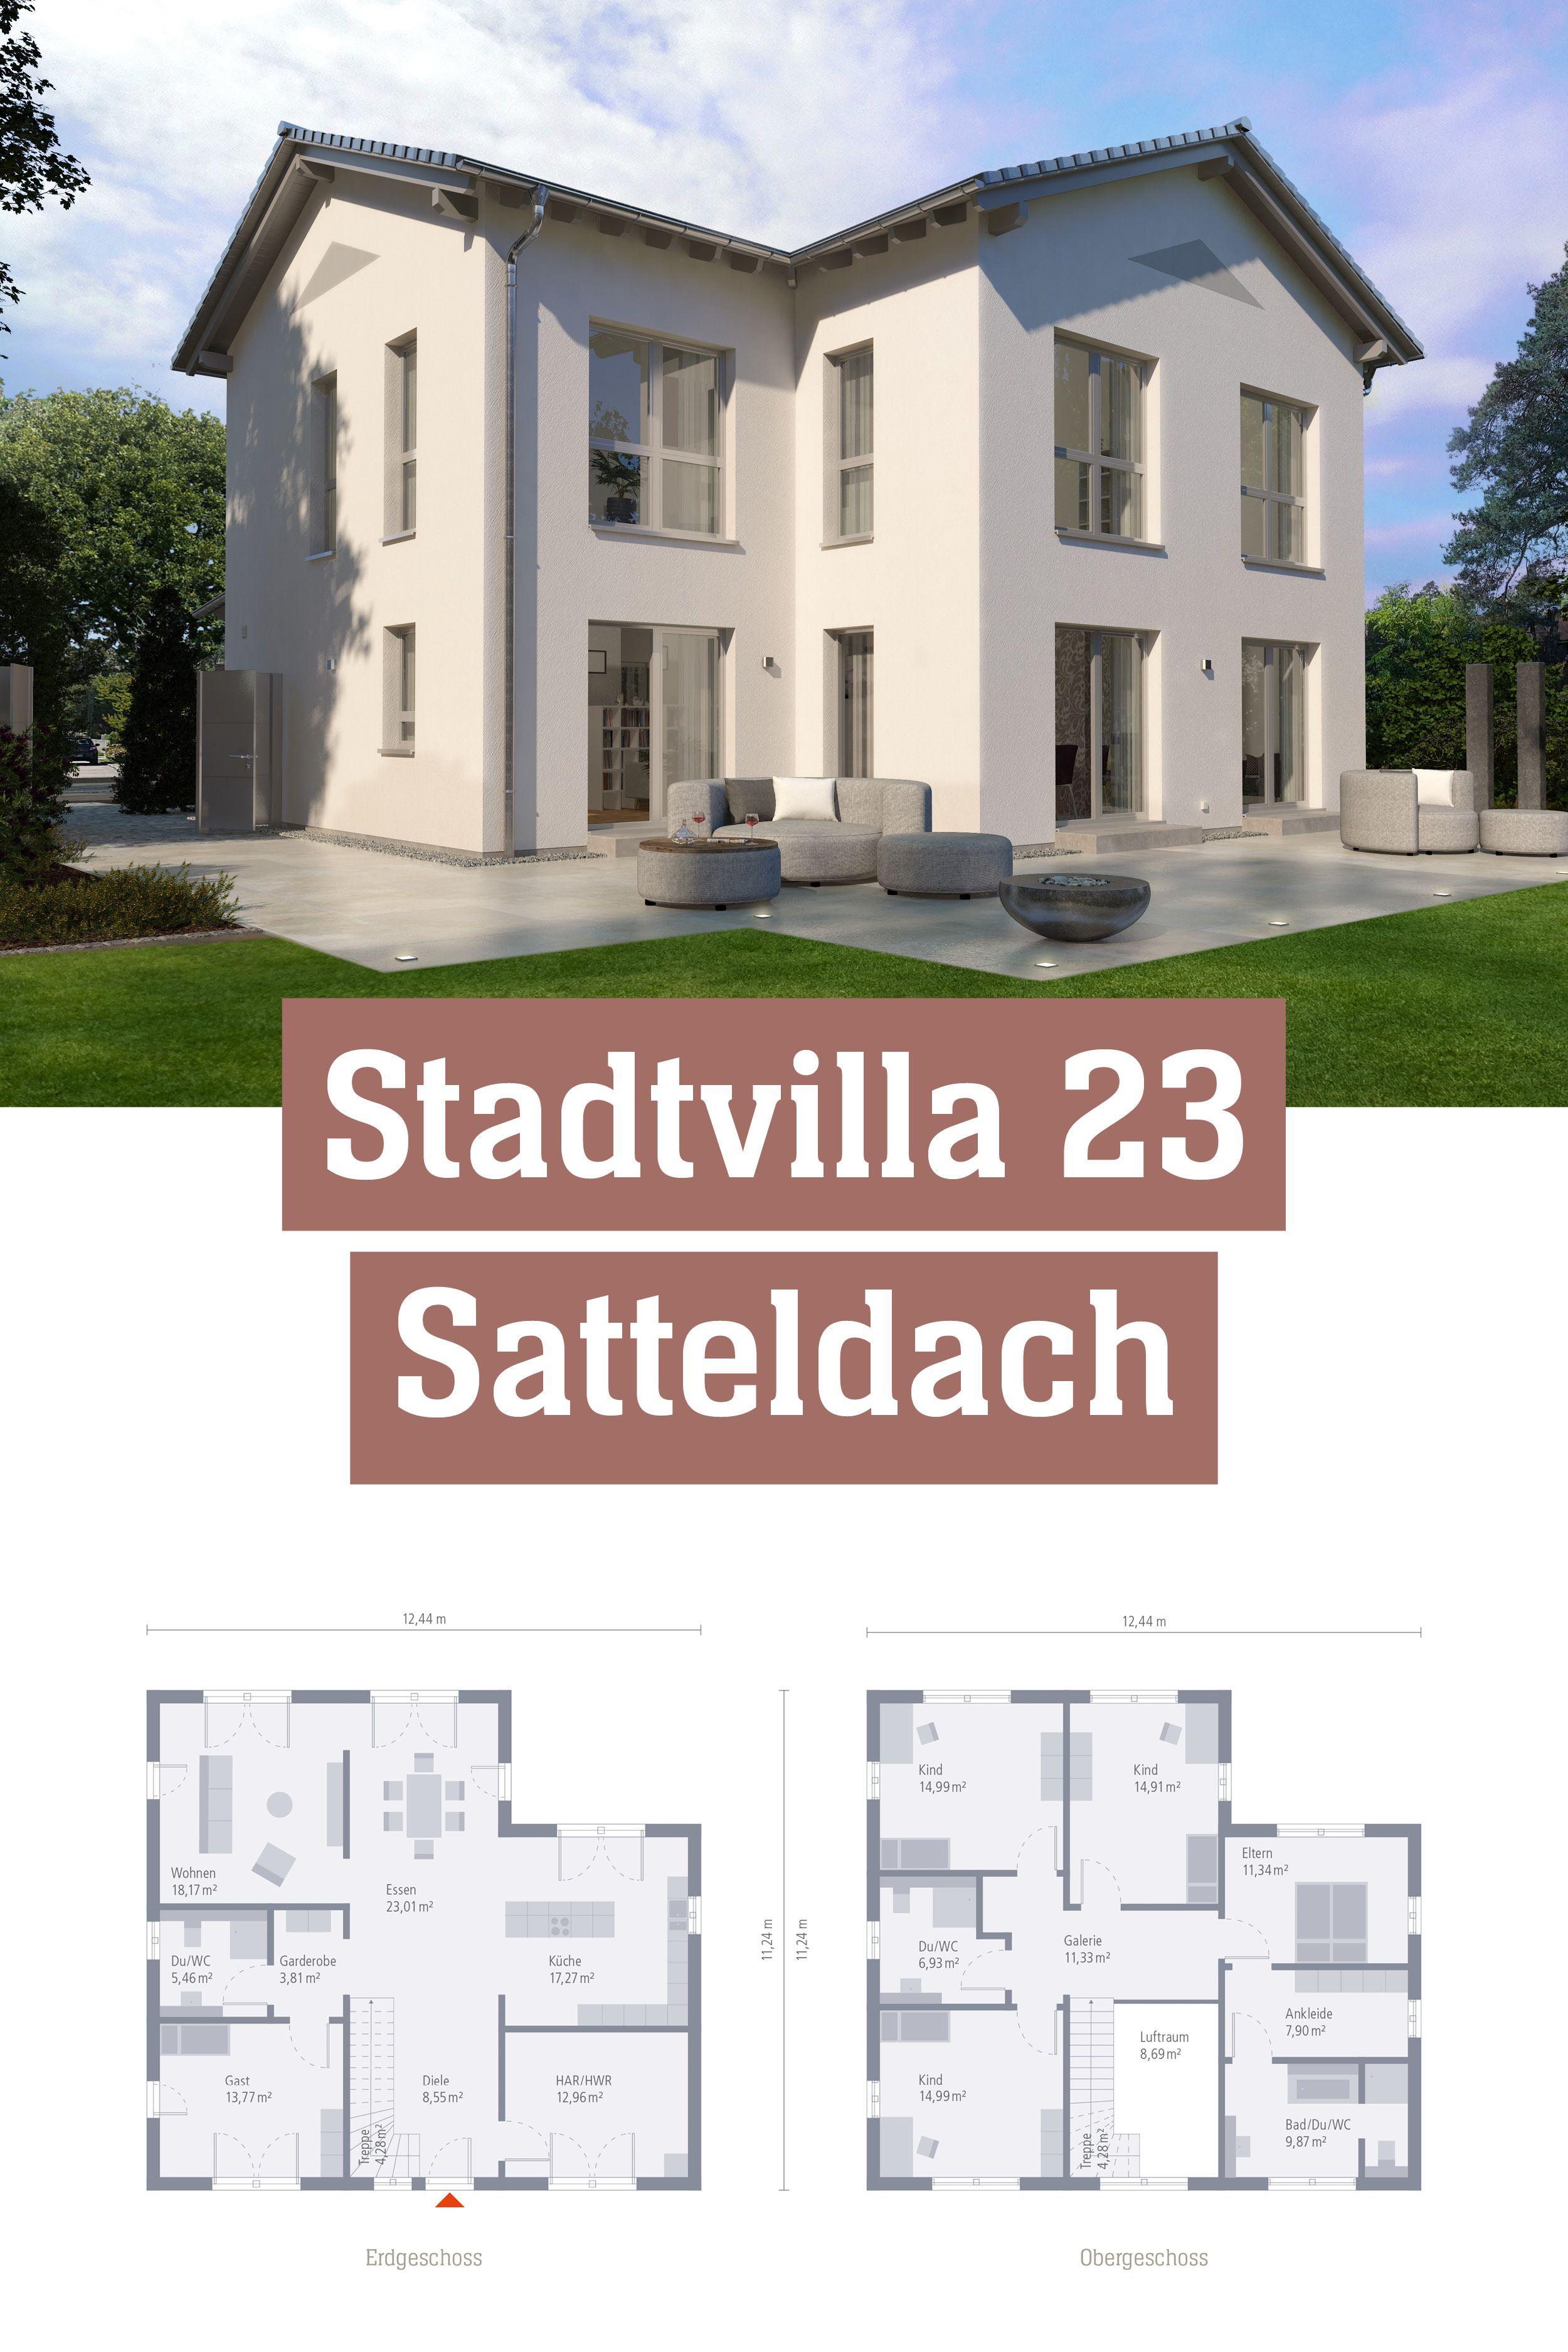 Stadtvilla 23